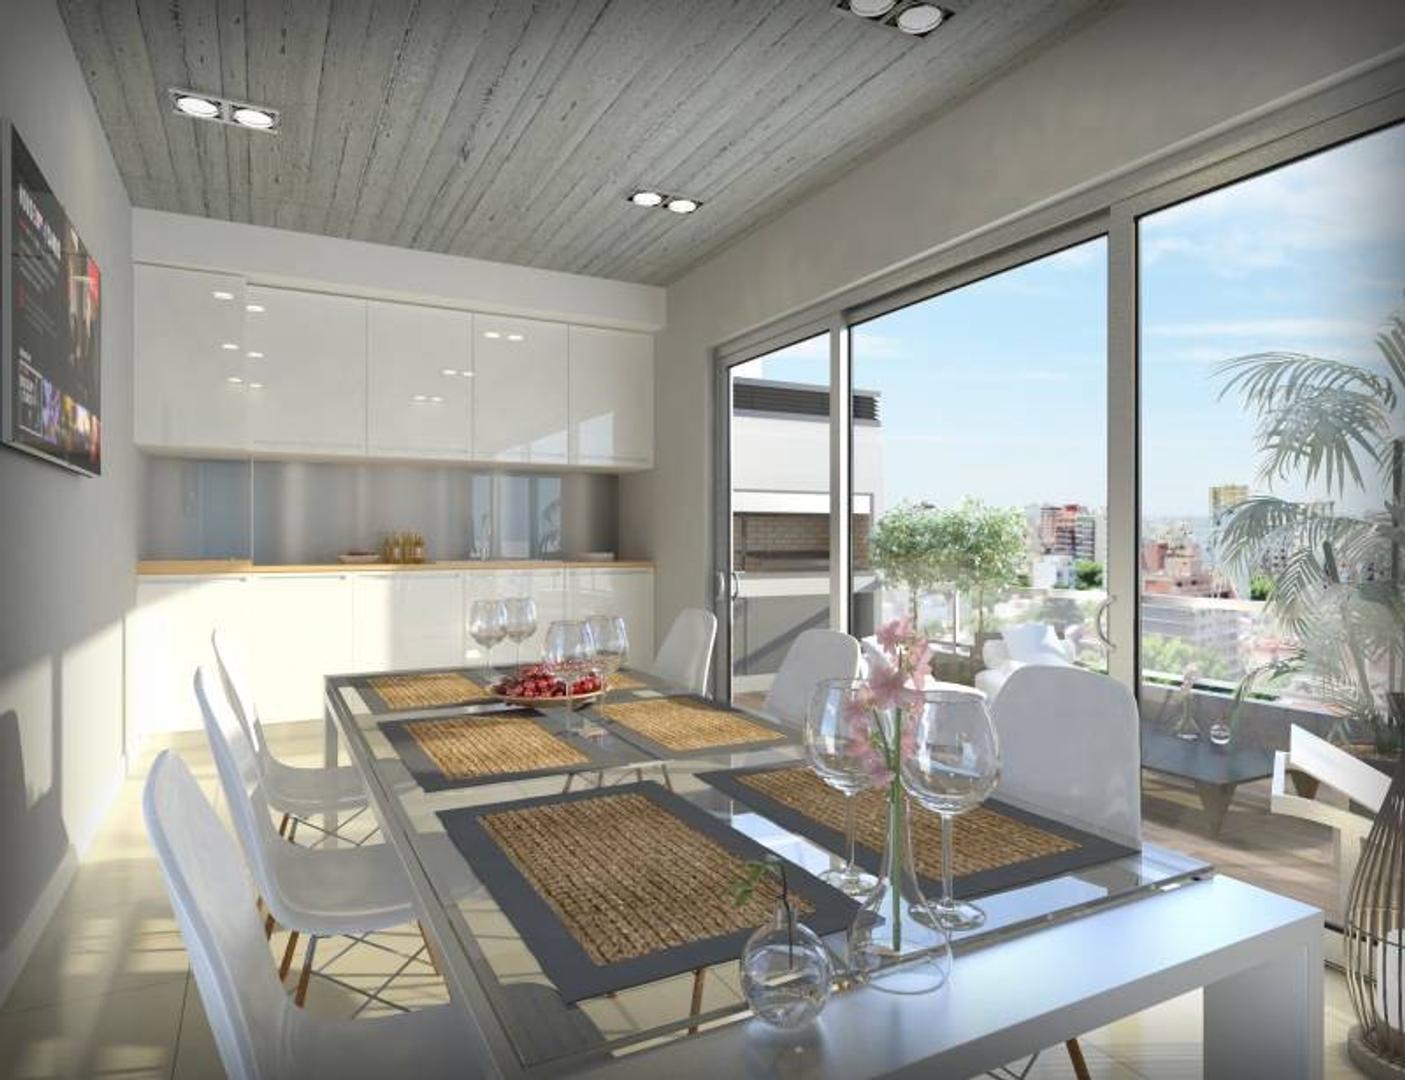 A ESTRENAR 1 amb *ecofriendly* al fte c/ balcon y amenities - WASHINGTON 1A